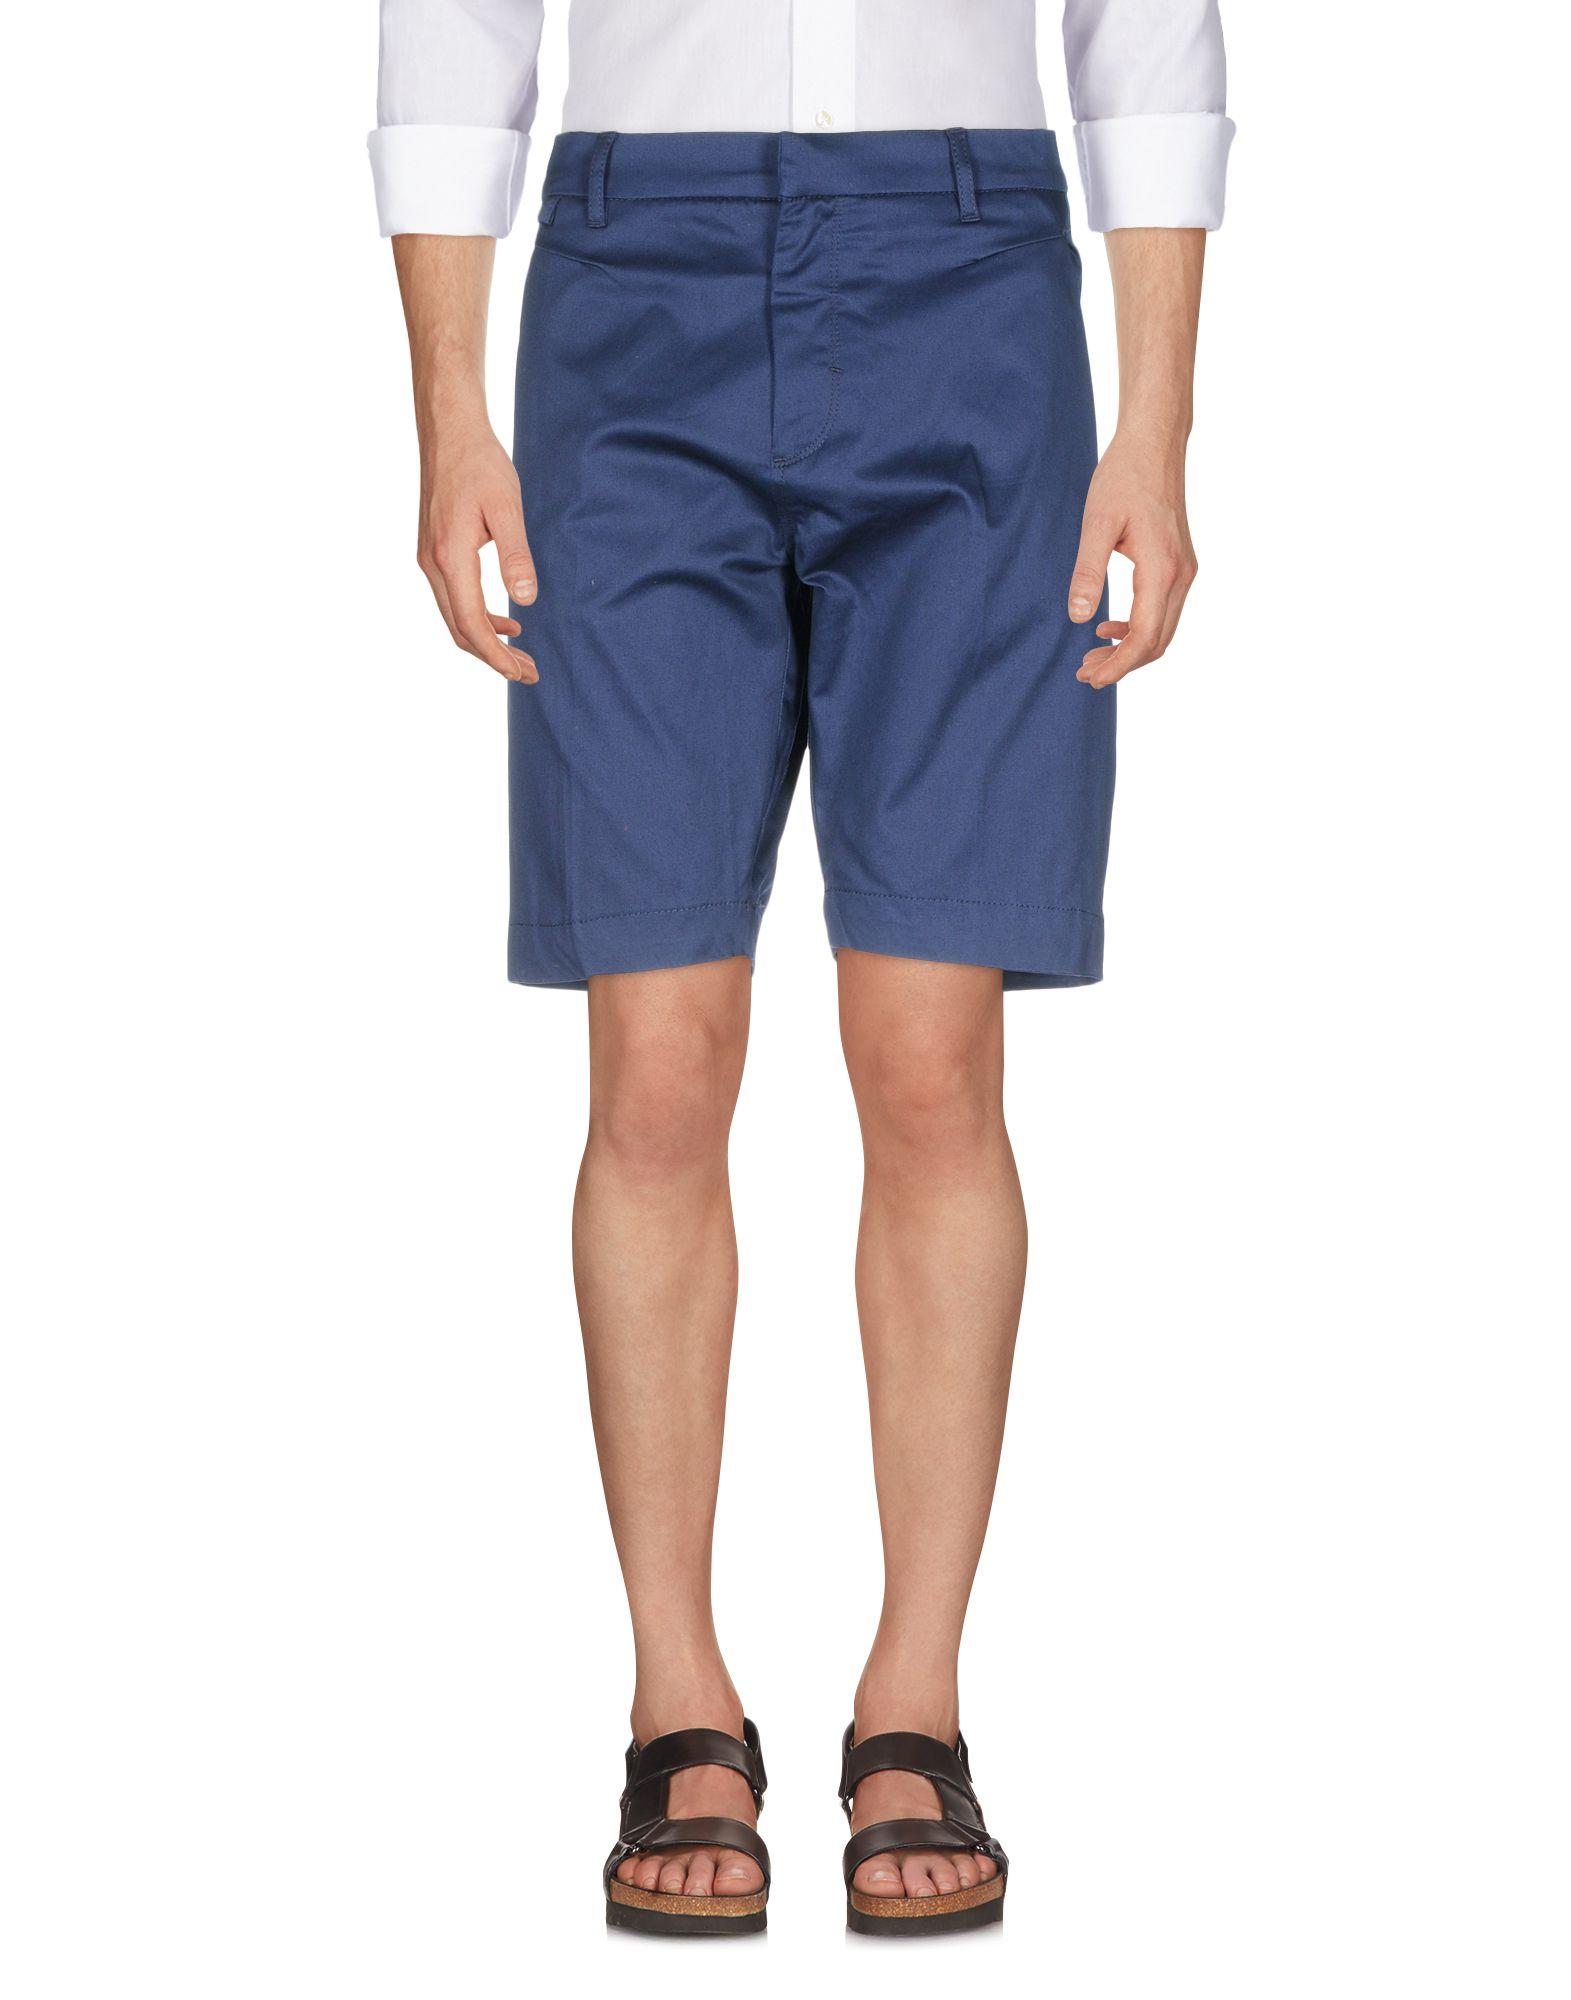 Shorts & Bermuda Antony Morato Uomo - - - 13146522ER 648623